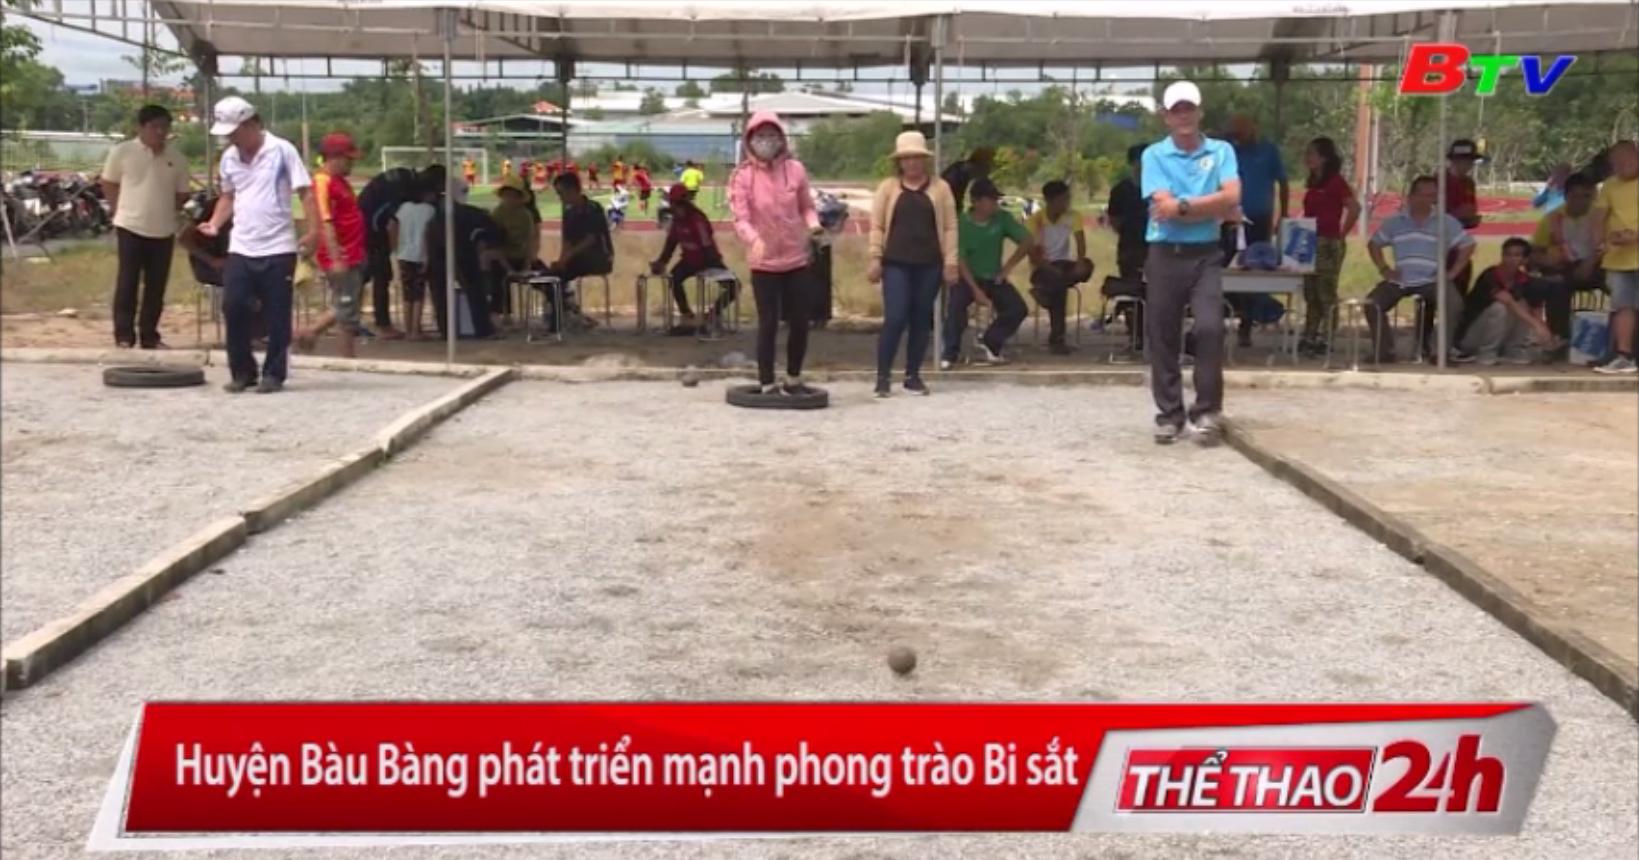 Huyện Bàu Bàng phát triển mạnh phong trào Bi sắt